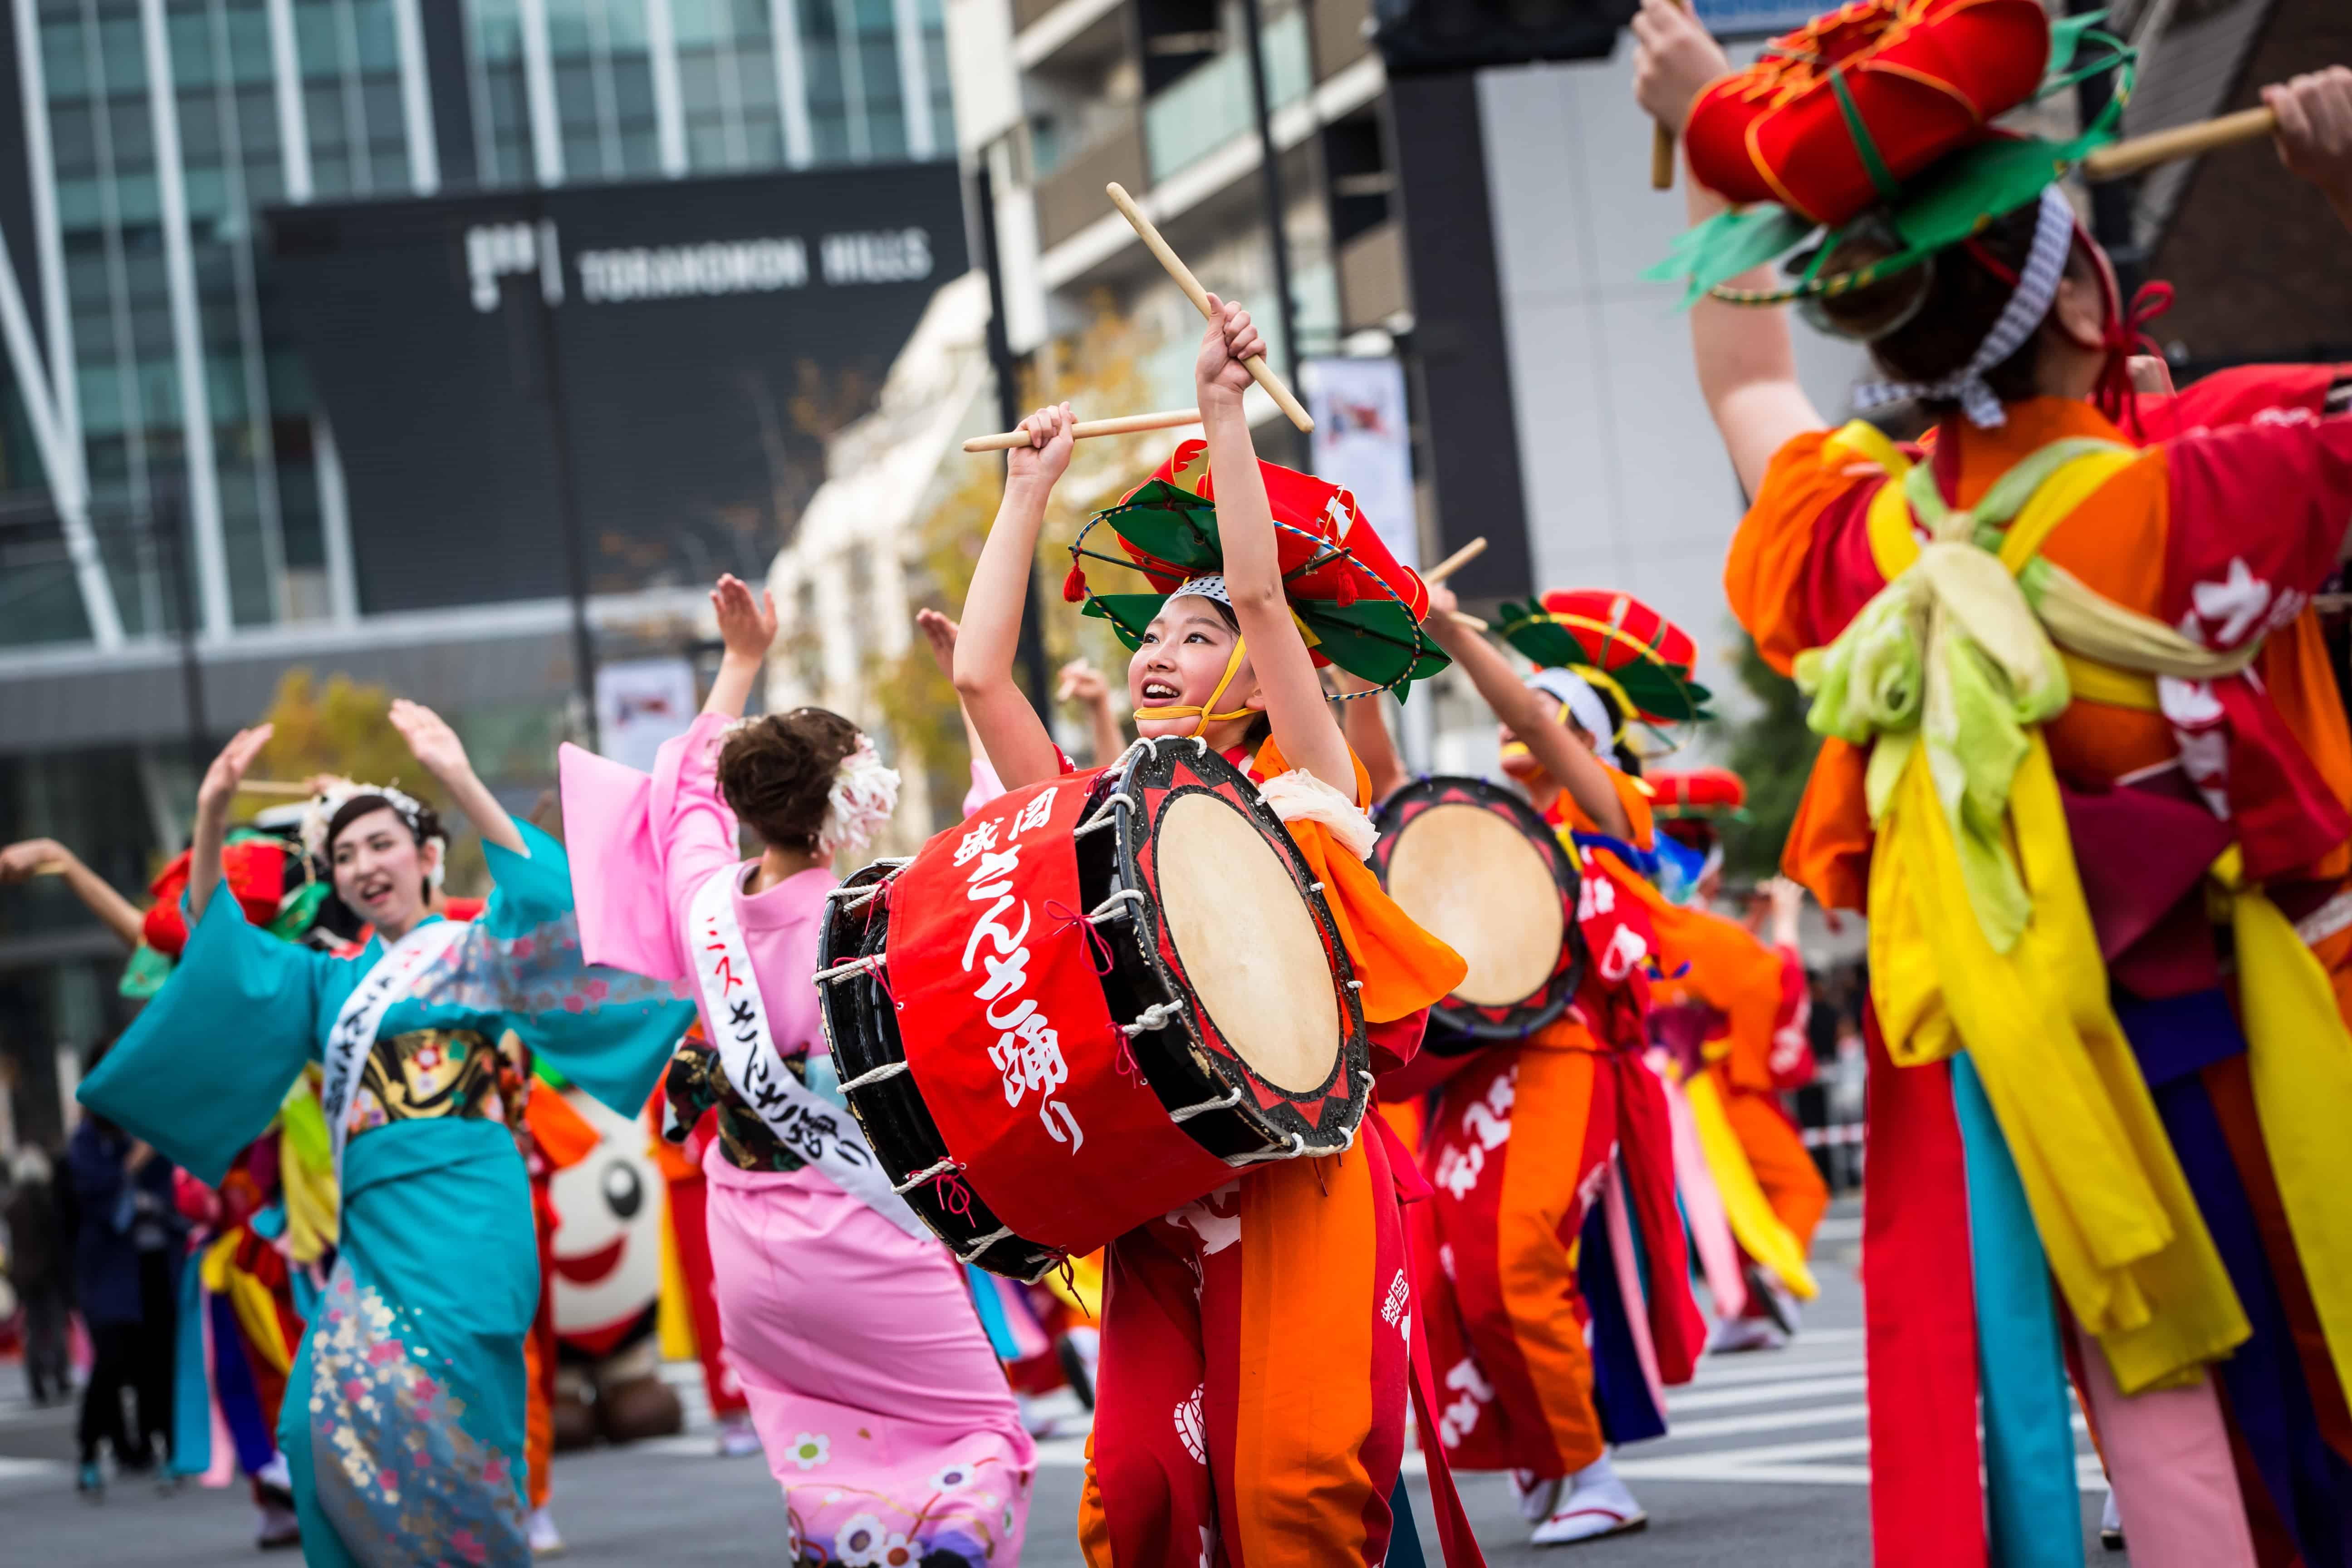 เทศกาล หน้าร้อน ภูมิภาค โทโฮคุ : Morioka Sansa Festival